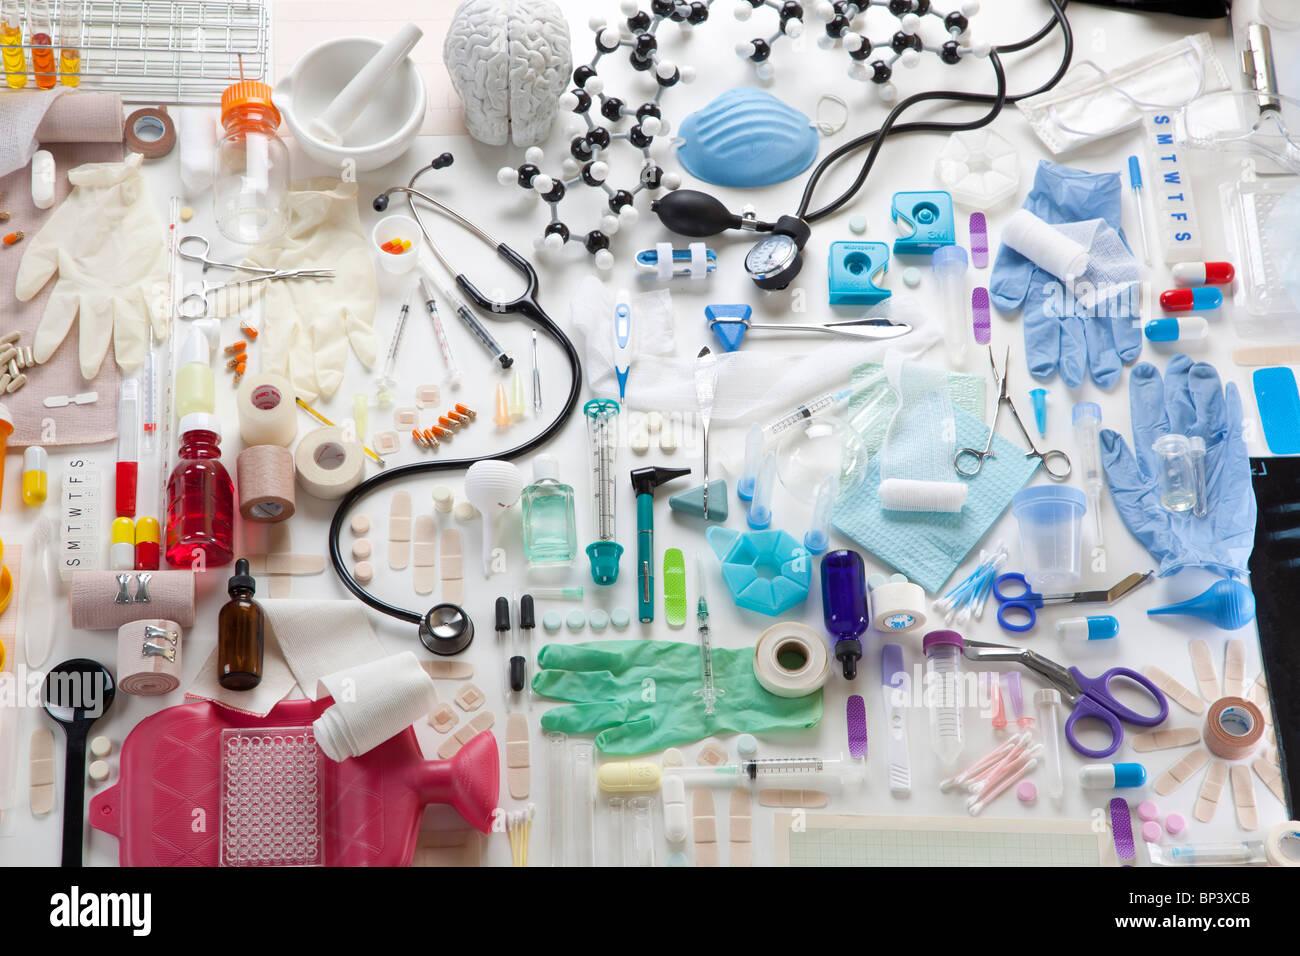 Groupe d'un grand nombre d'objets relatifs à la médecine et soins de santé Photo Stock